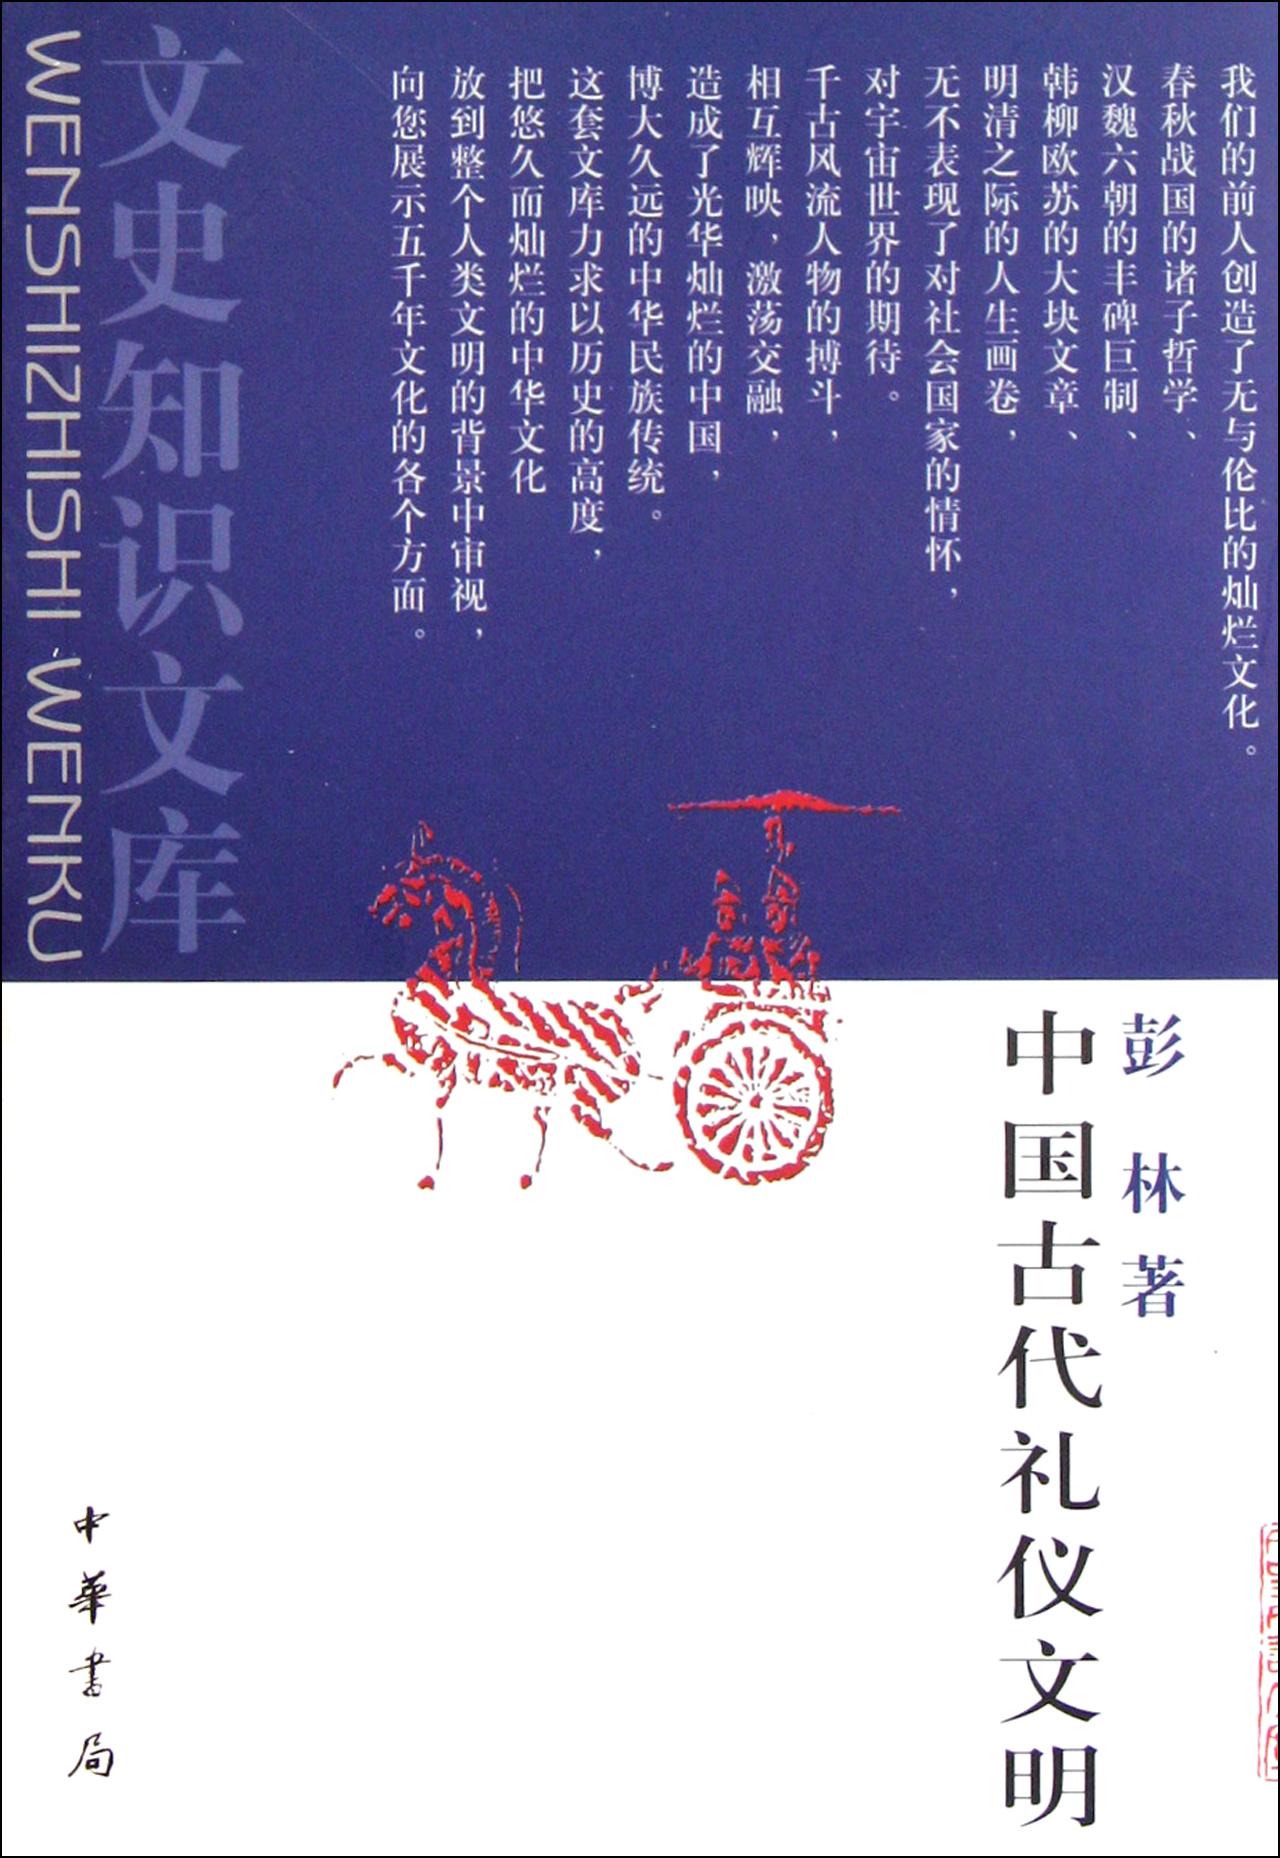 中国古代礼仪文明图片